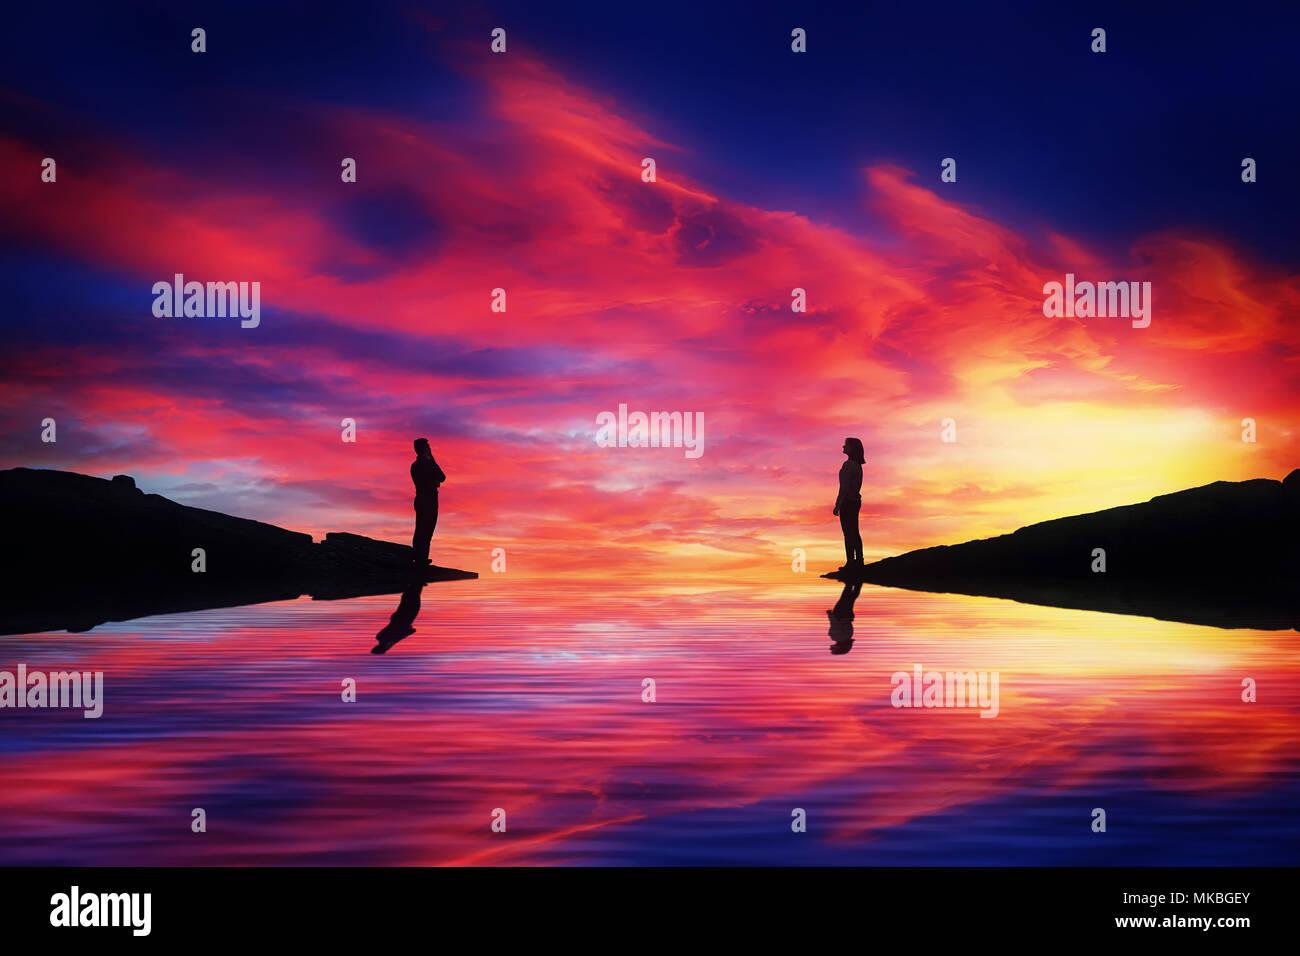 Un ragazzo e una ragazza stand su diversi lati di un fiume pensare come raggiungere ogni altro sopra un bel tramonto sullo sfondo. La costruzione di un ponte immaginario. L Immagini Stock